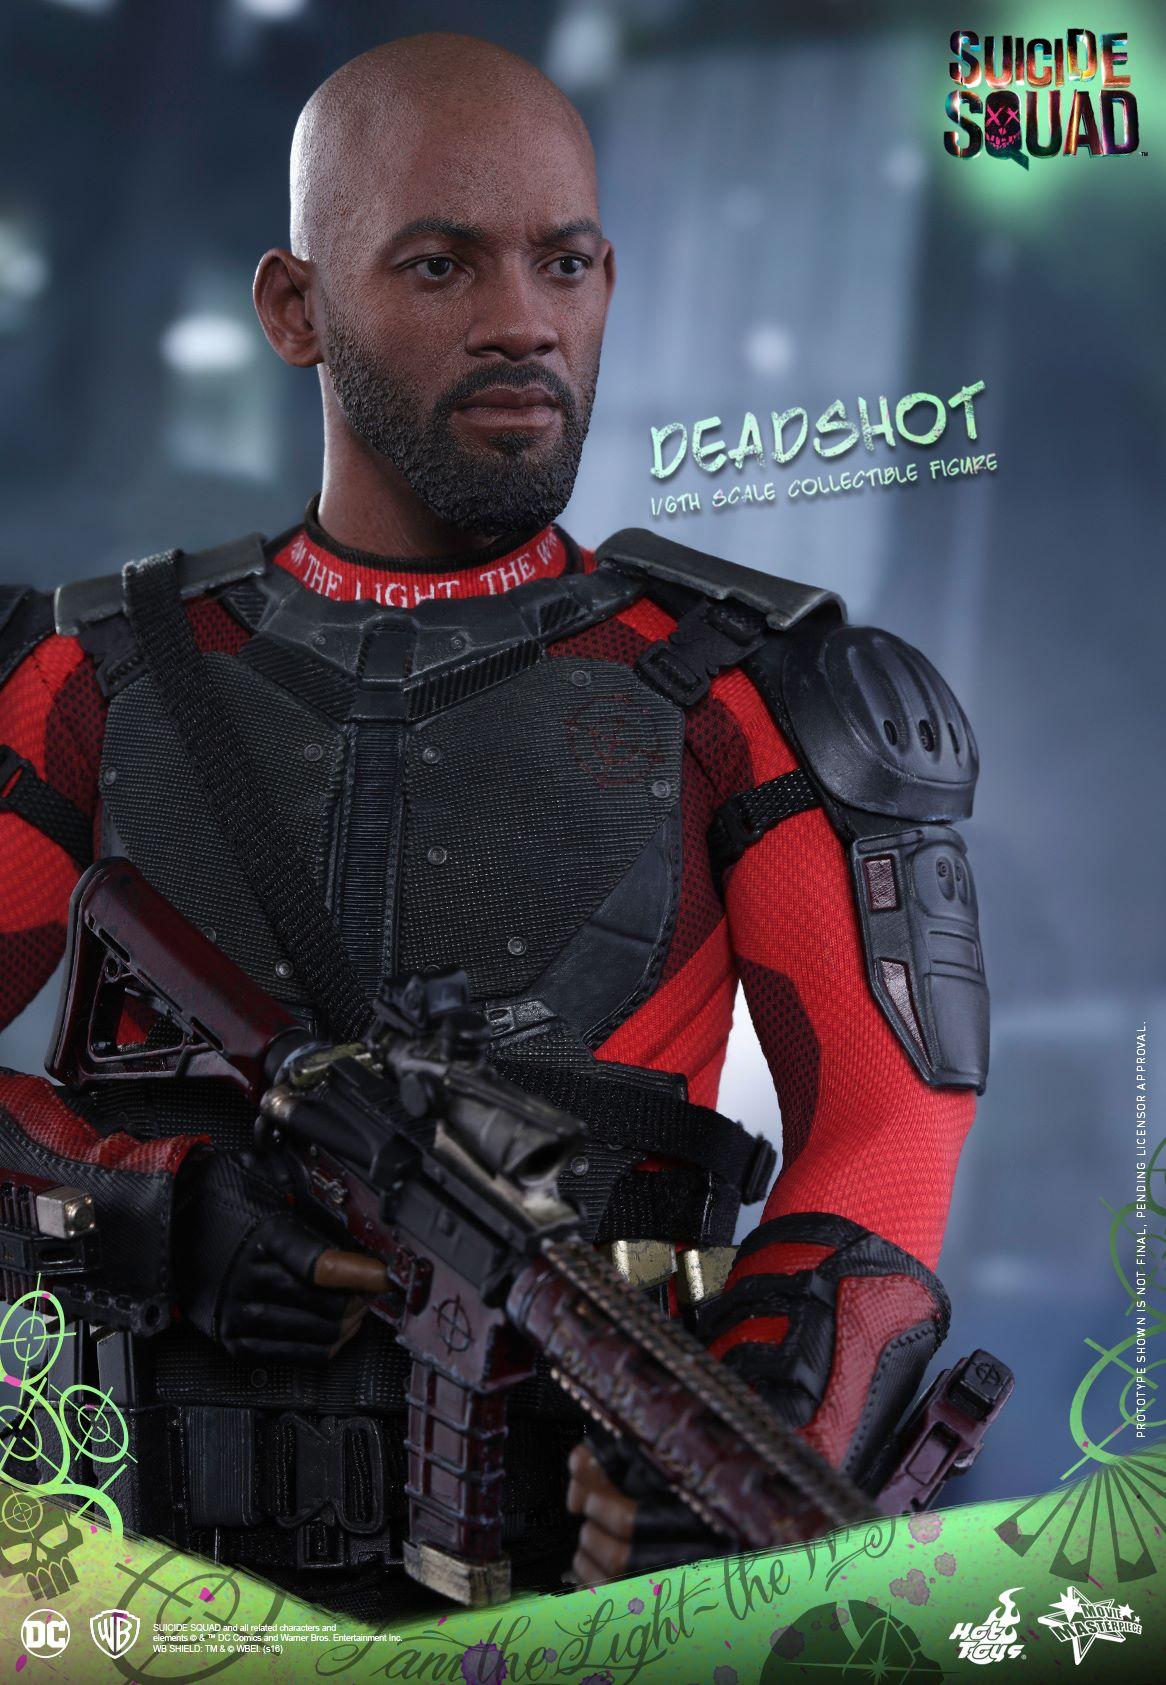 Hot-Toys-Suicide-Squad-Deadshot-12